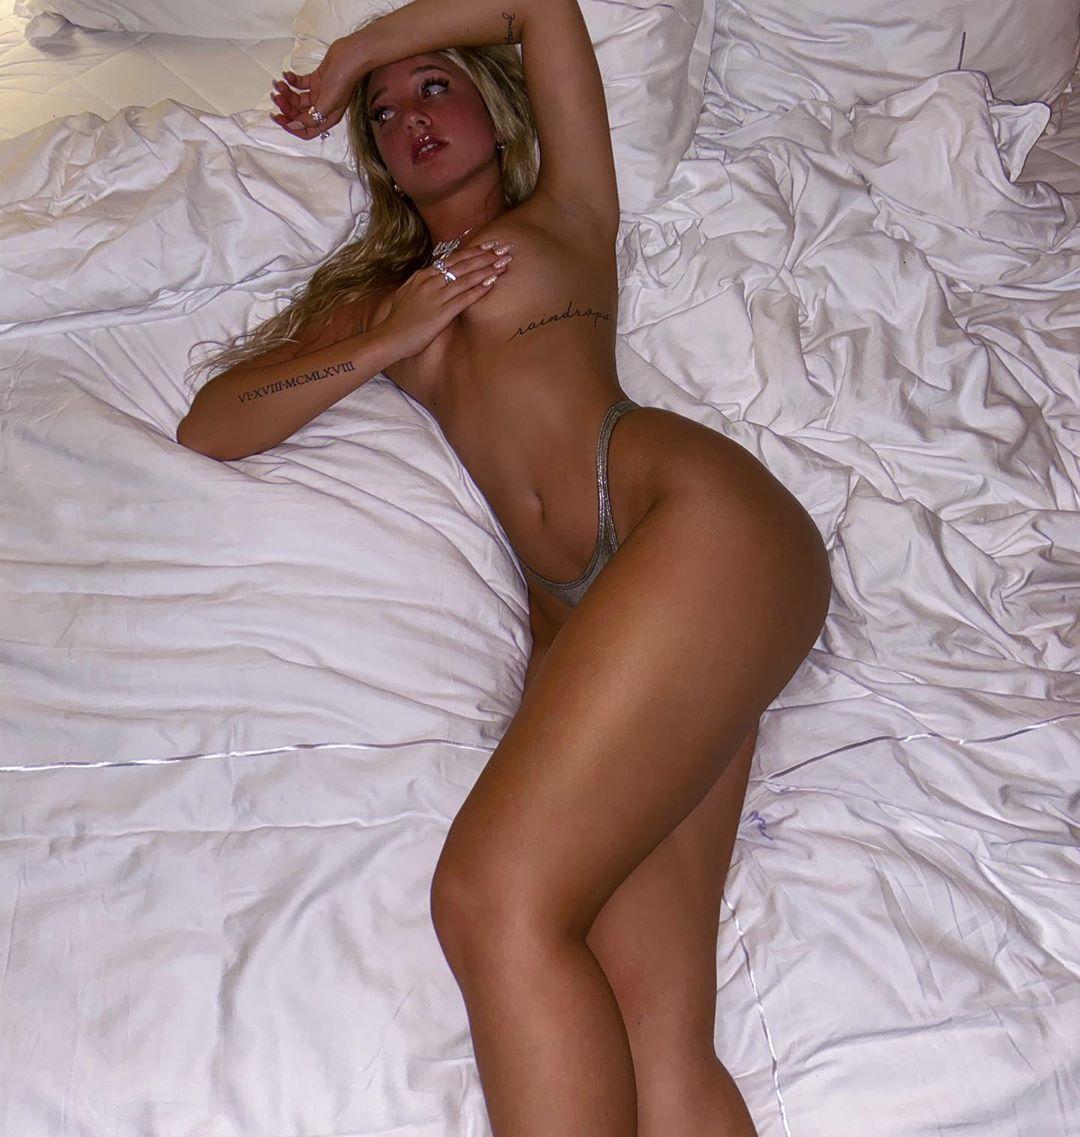 Jenni Niemaann Sexy & Topless 0081